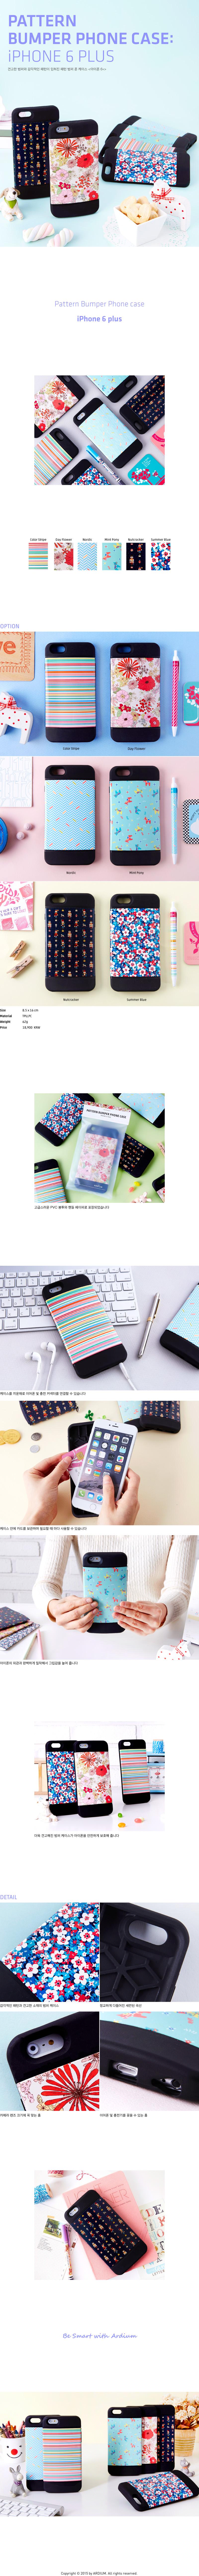 Pattern Bumper Phone Case_iPhone 6 plus